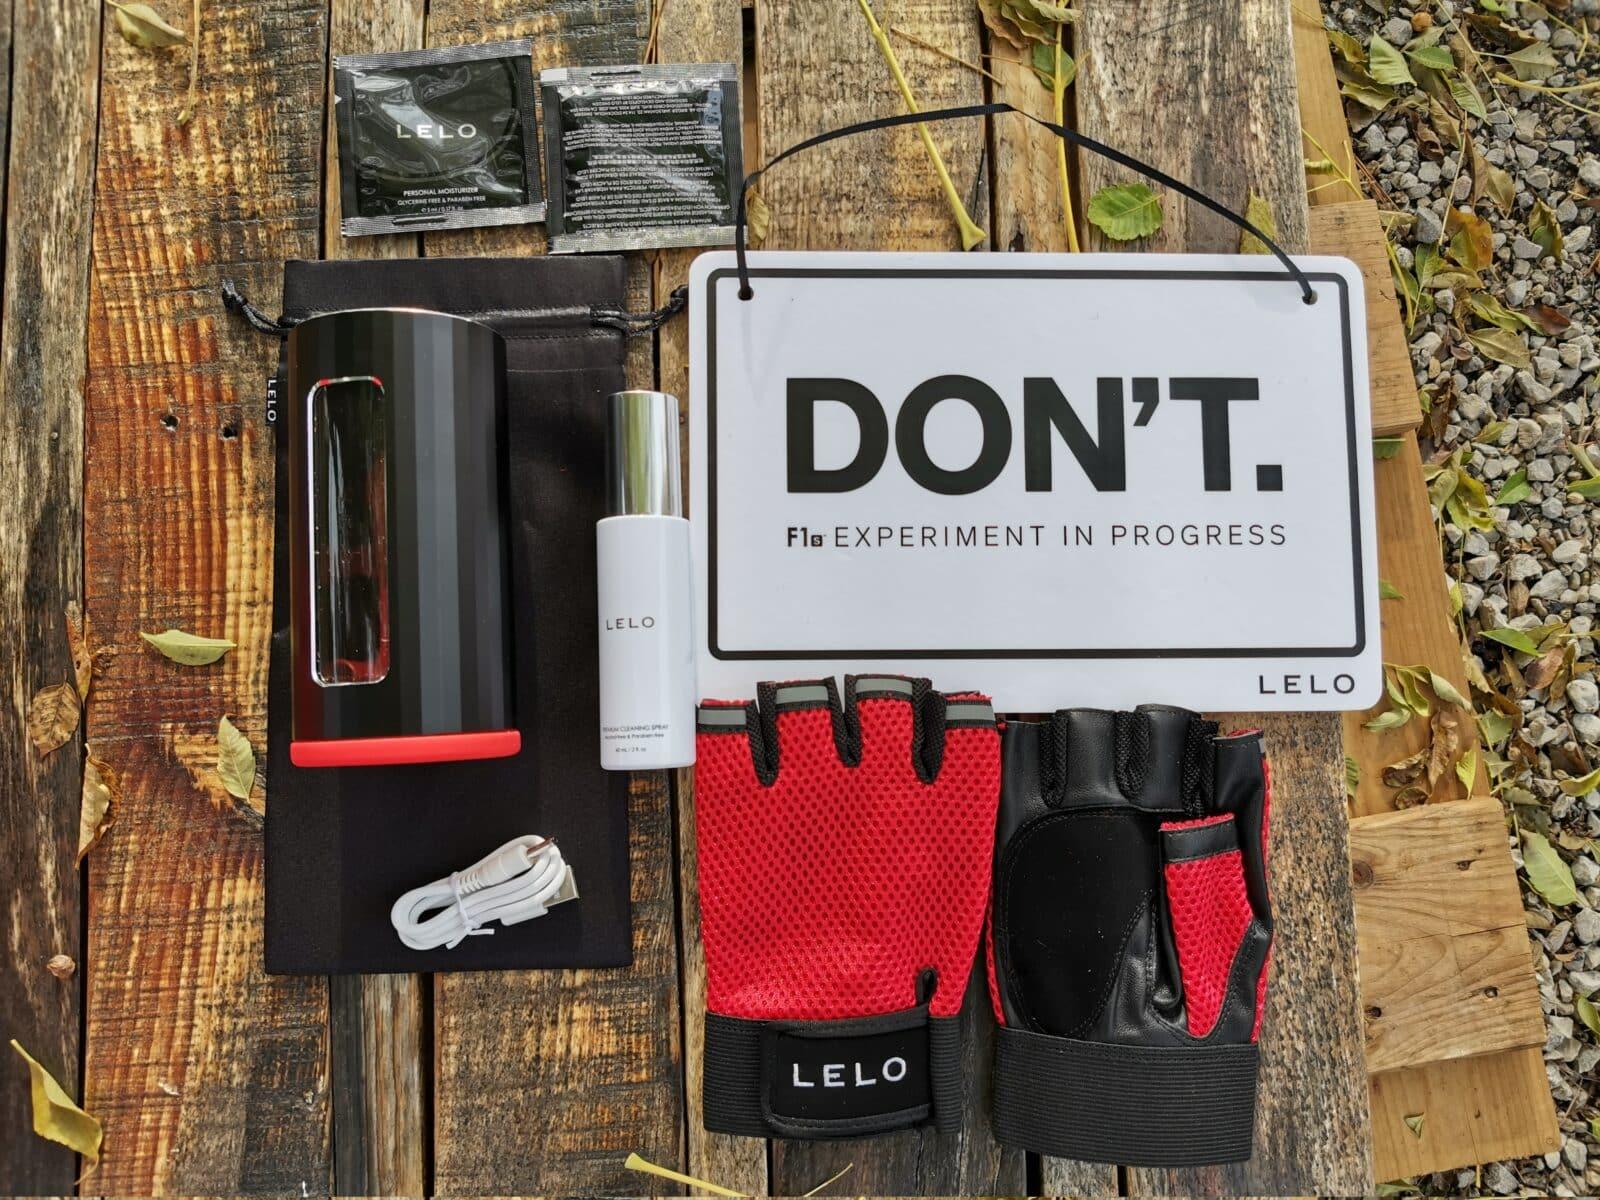 Lelo F1s Developer's Kit Red